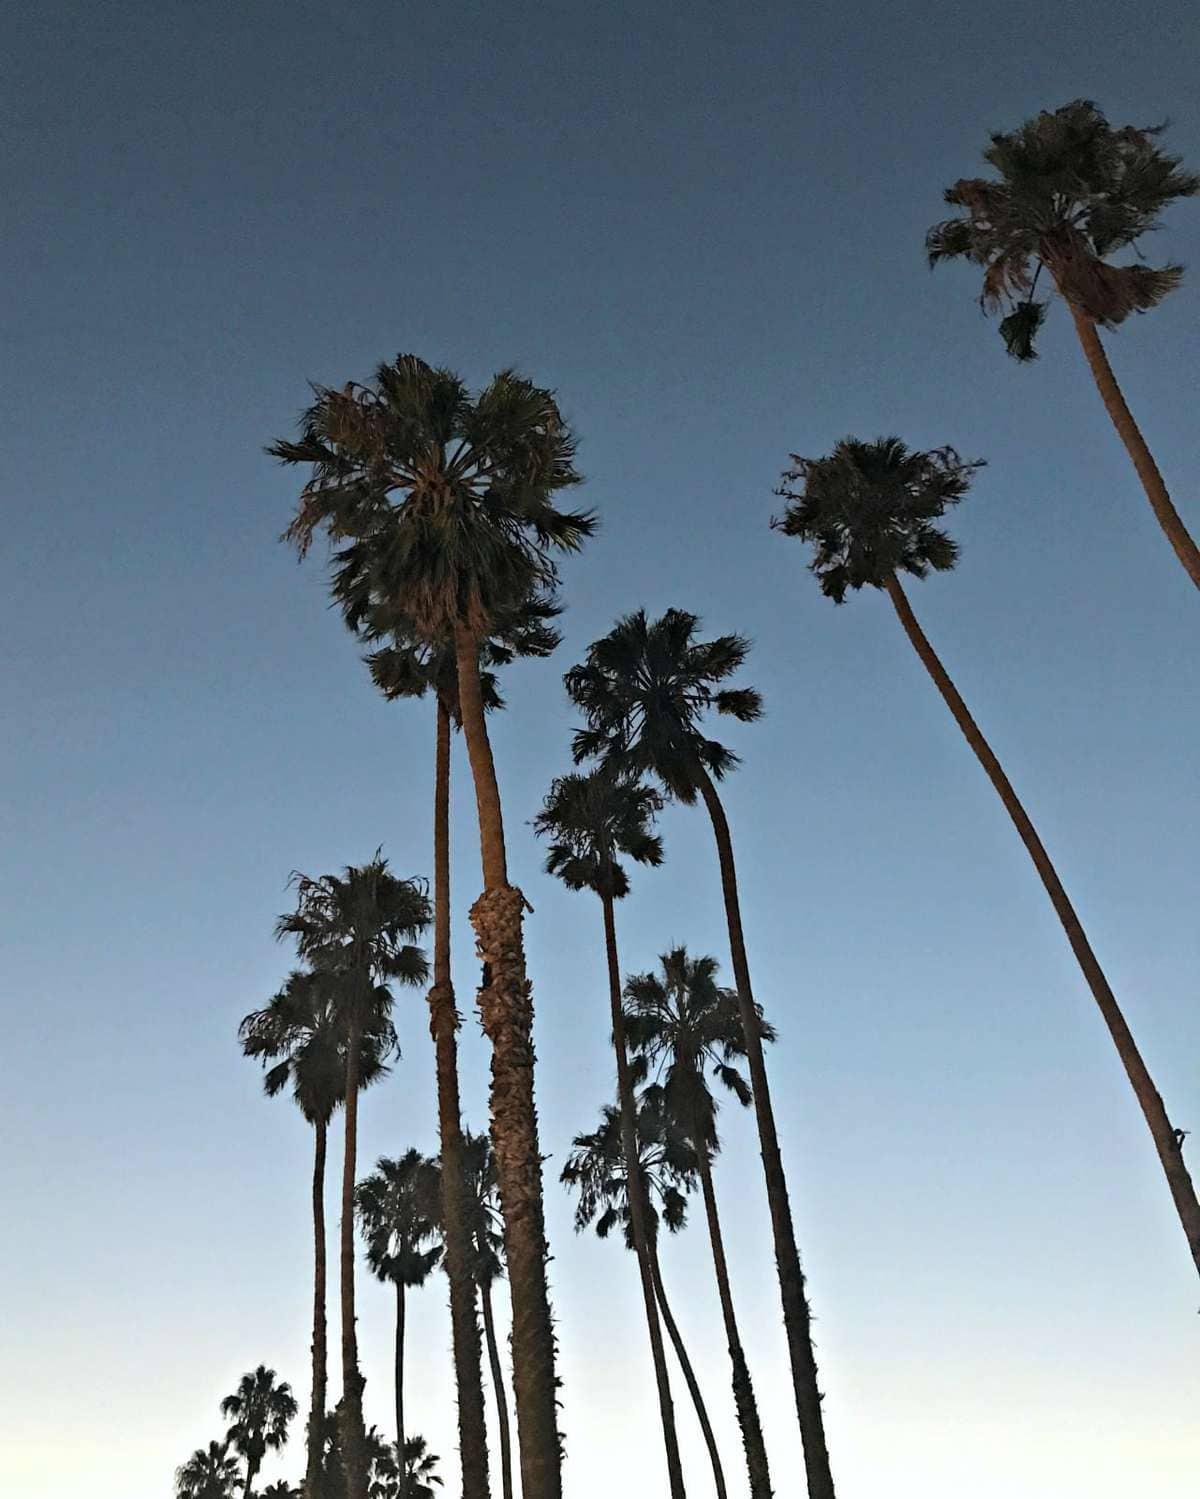 Palm Trees in Santa Barbara